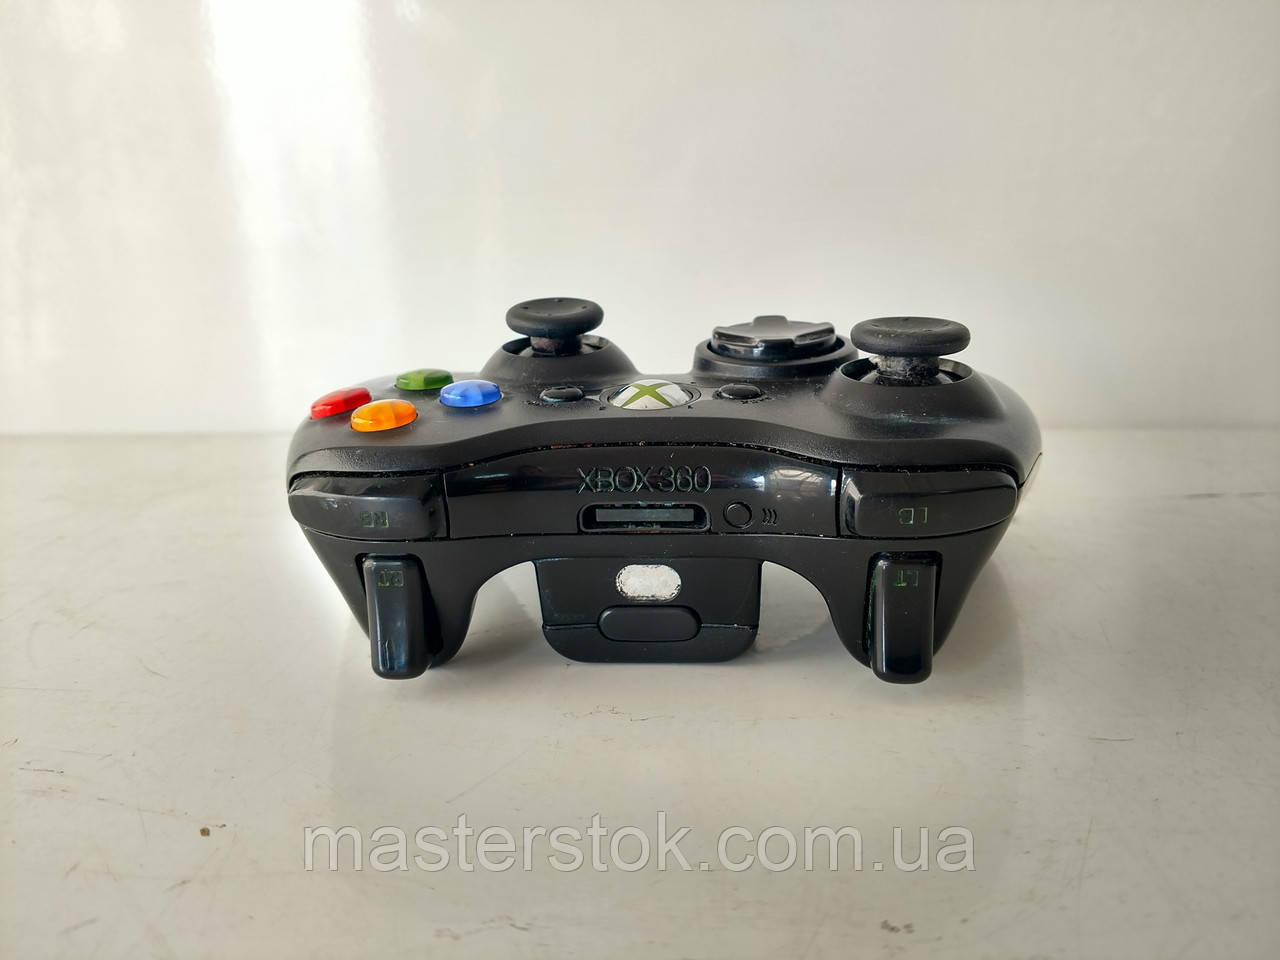 Беспроводные черные оригинальные джойстики для Xbox 360 4